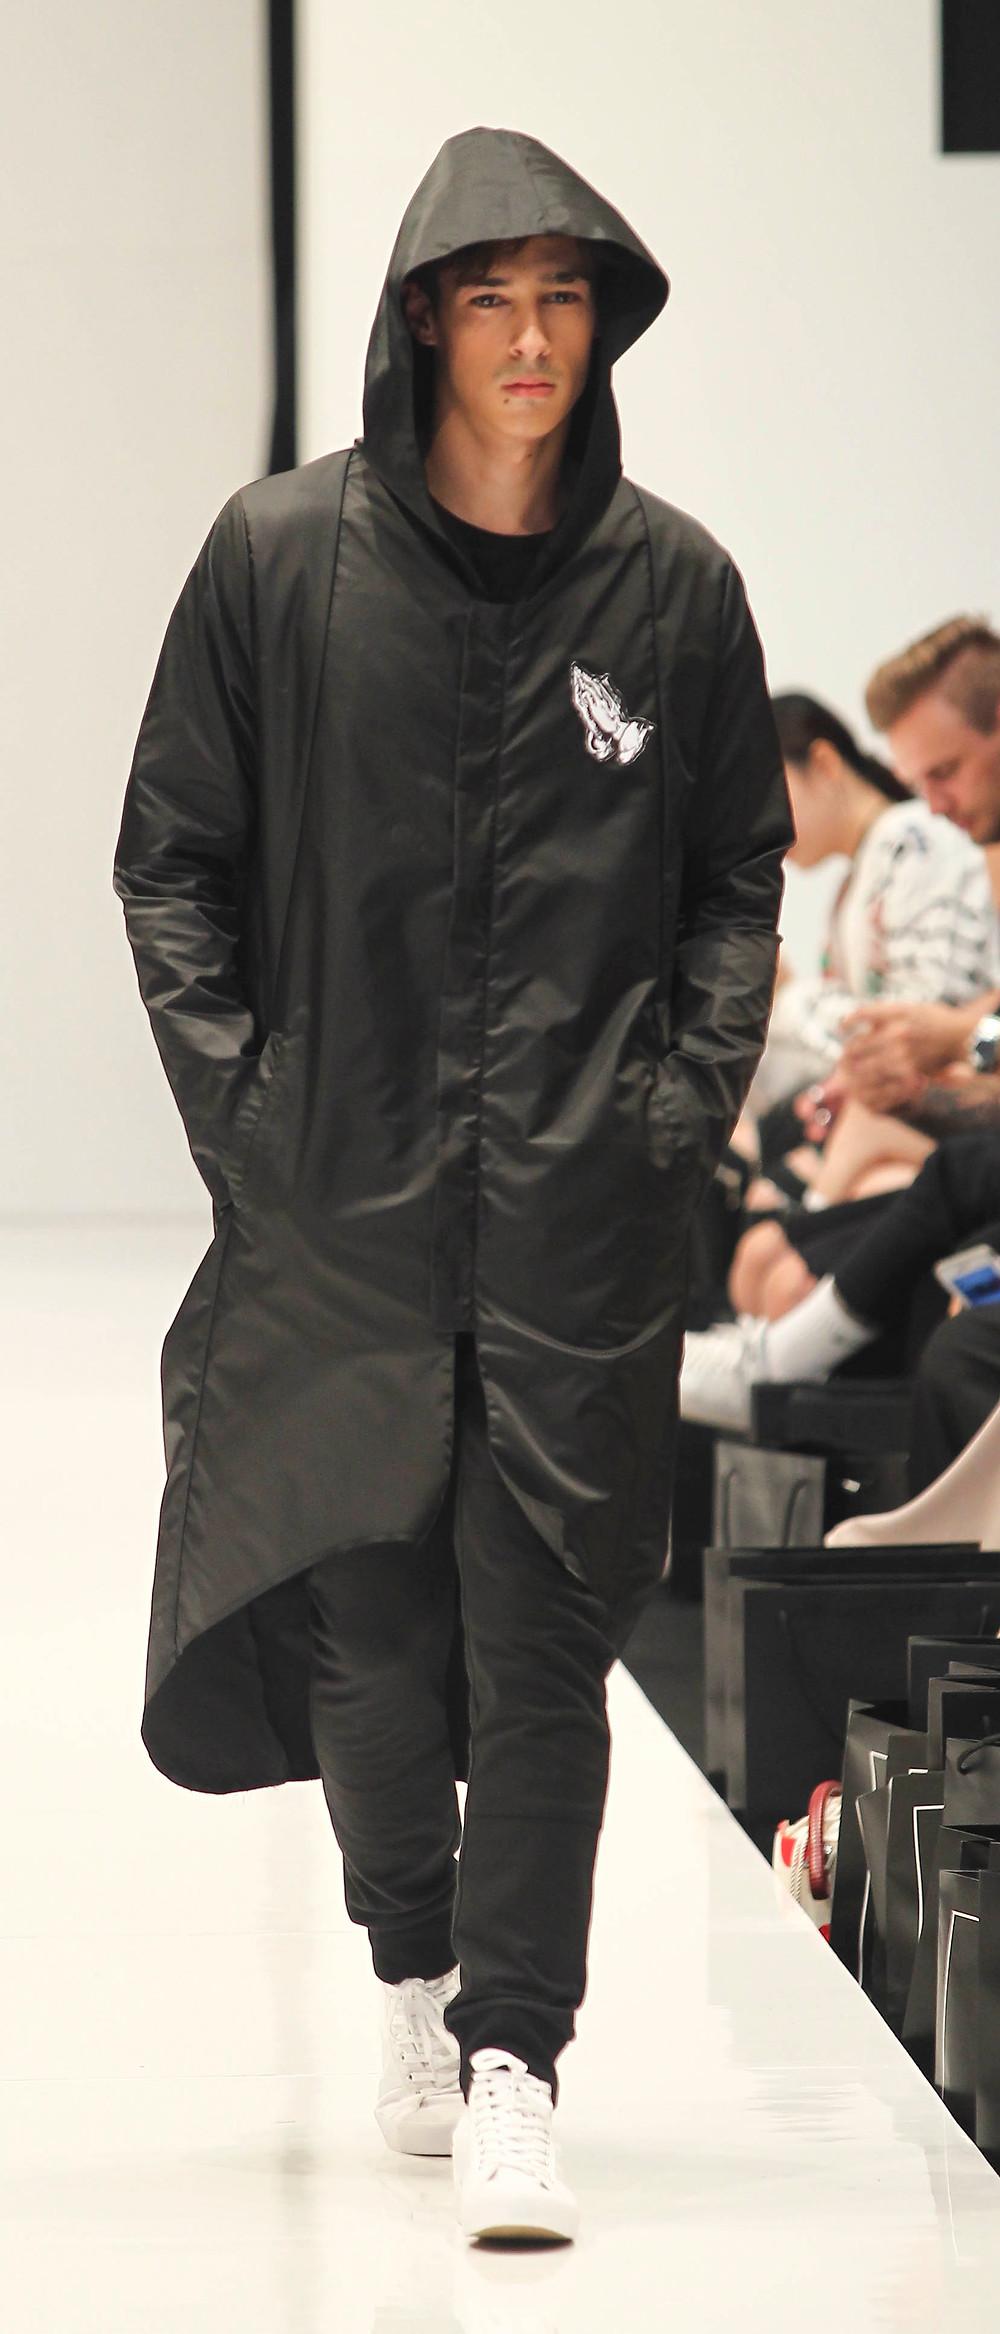 Maatin Shakir x Nazifi Nasri KLFWRTW2016 : KL Fashion Week 2016